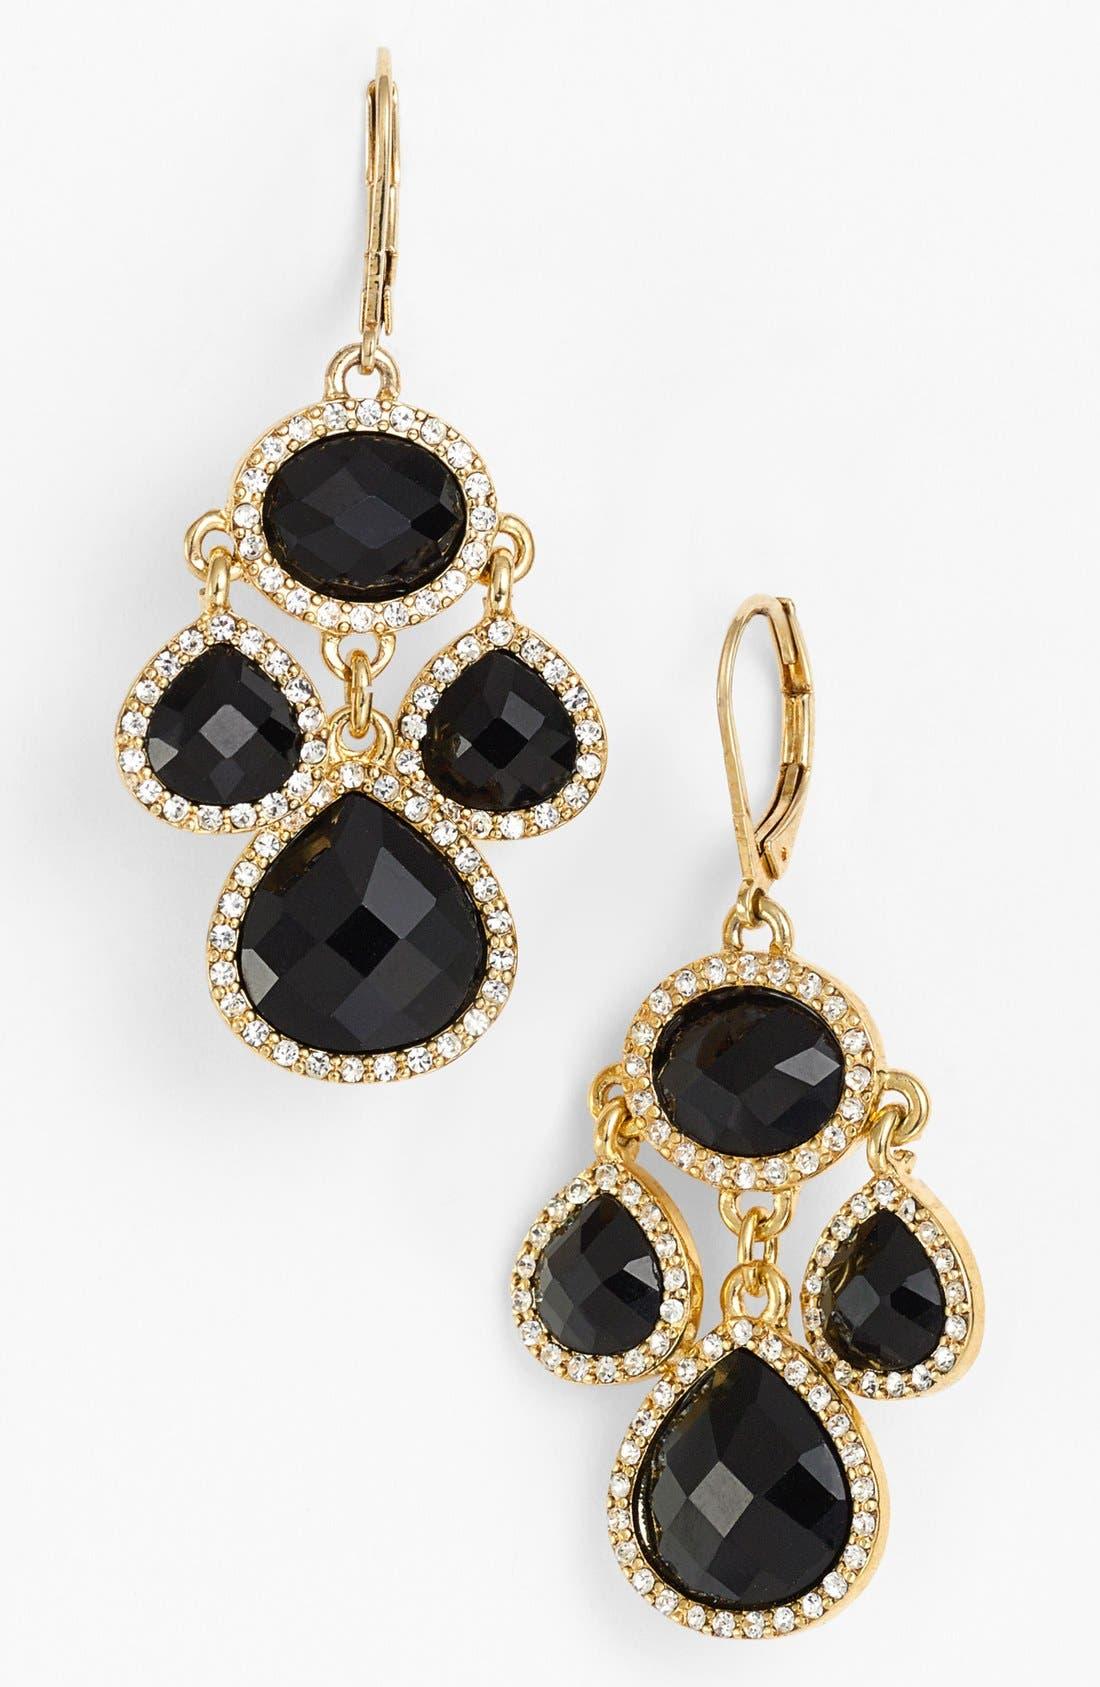 Main Image - Anne Klein Small Chandelier Earrings